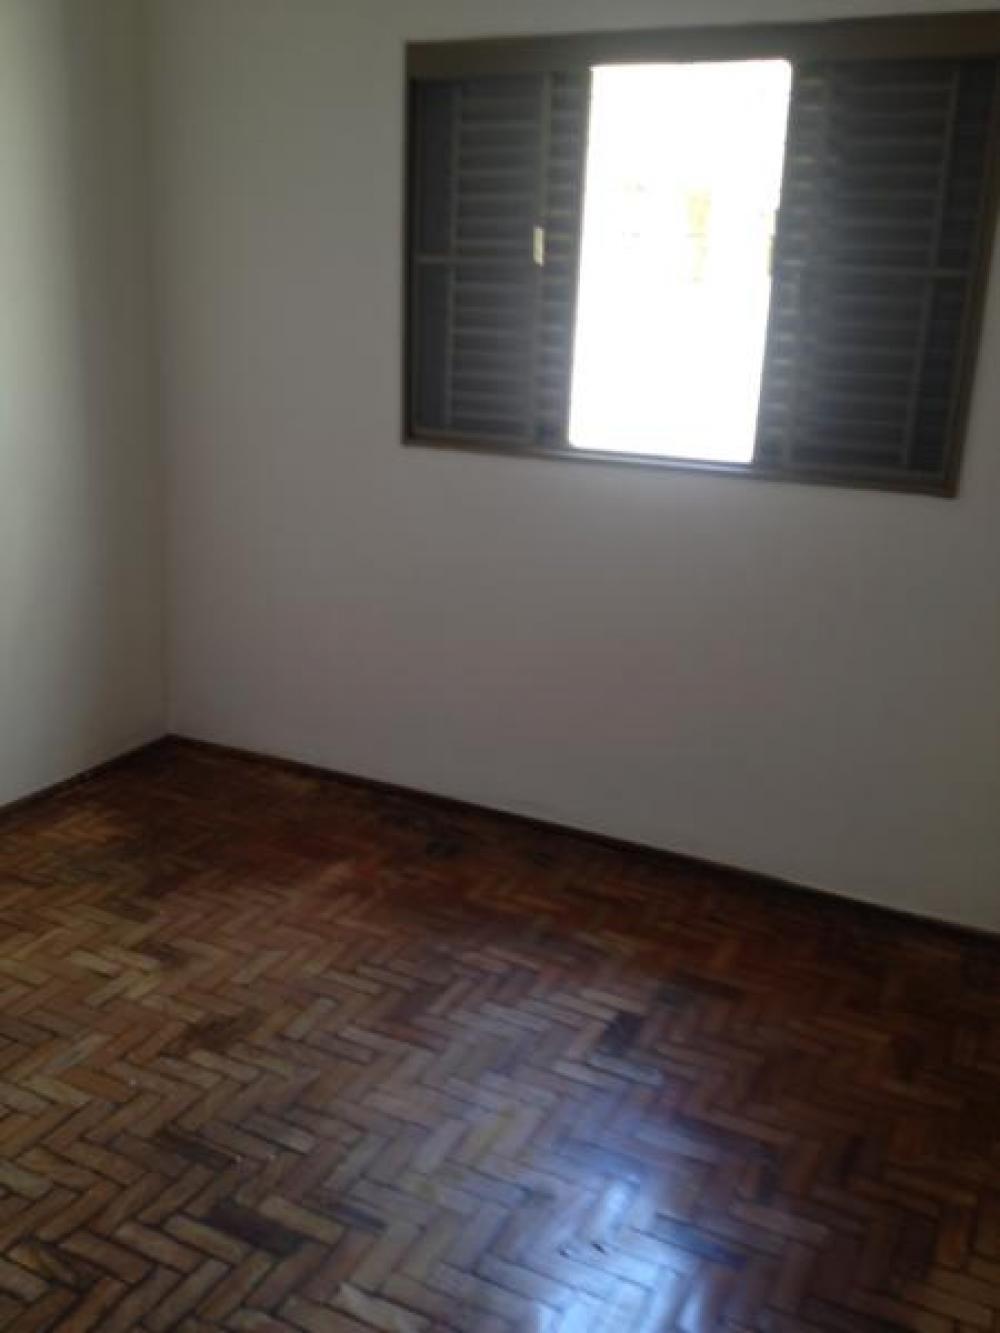 Comprar Casa / Padrão em SAO JOSE DO RIO PRETO apenas R$ 280.000,00 - Foto 11